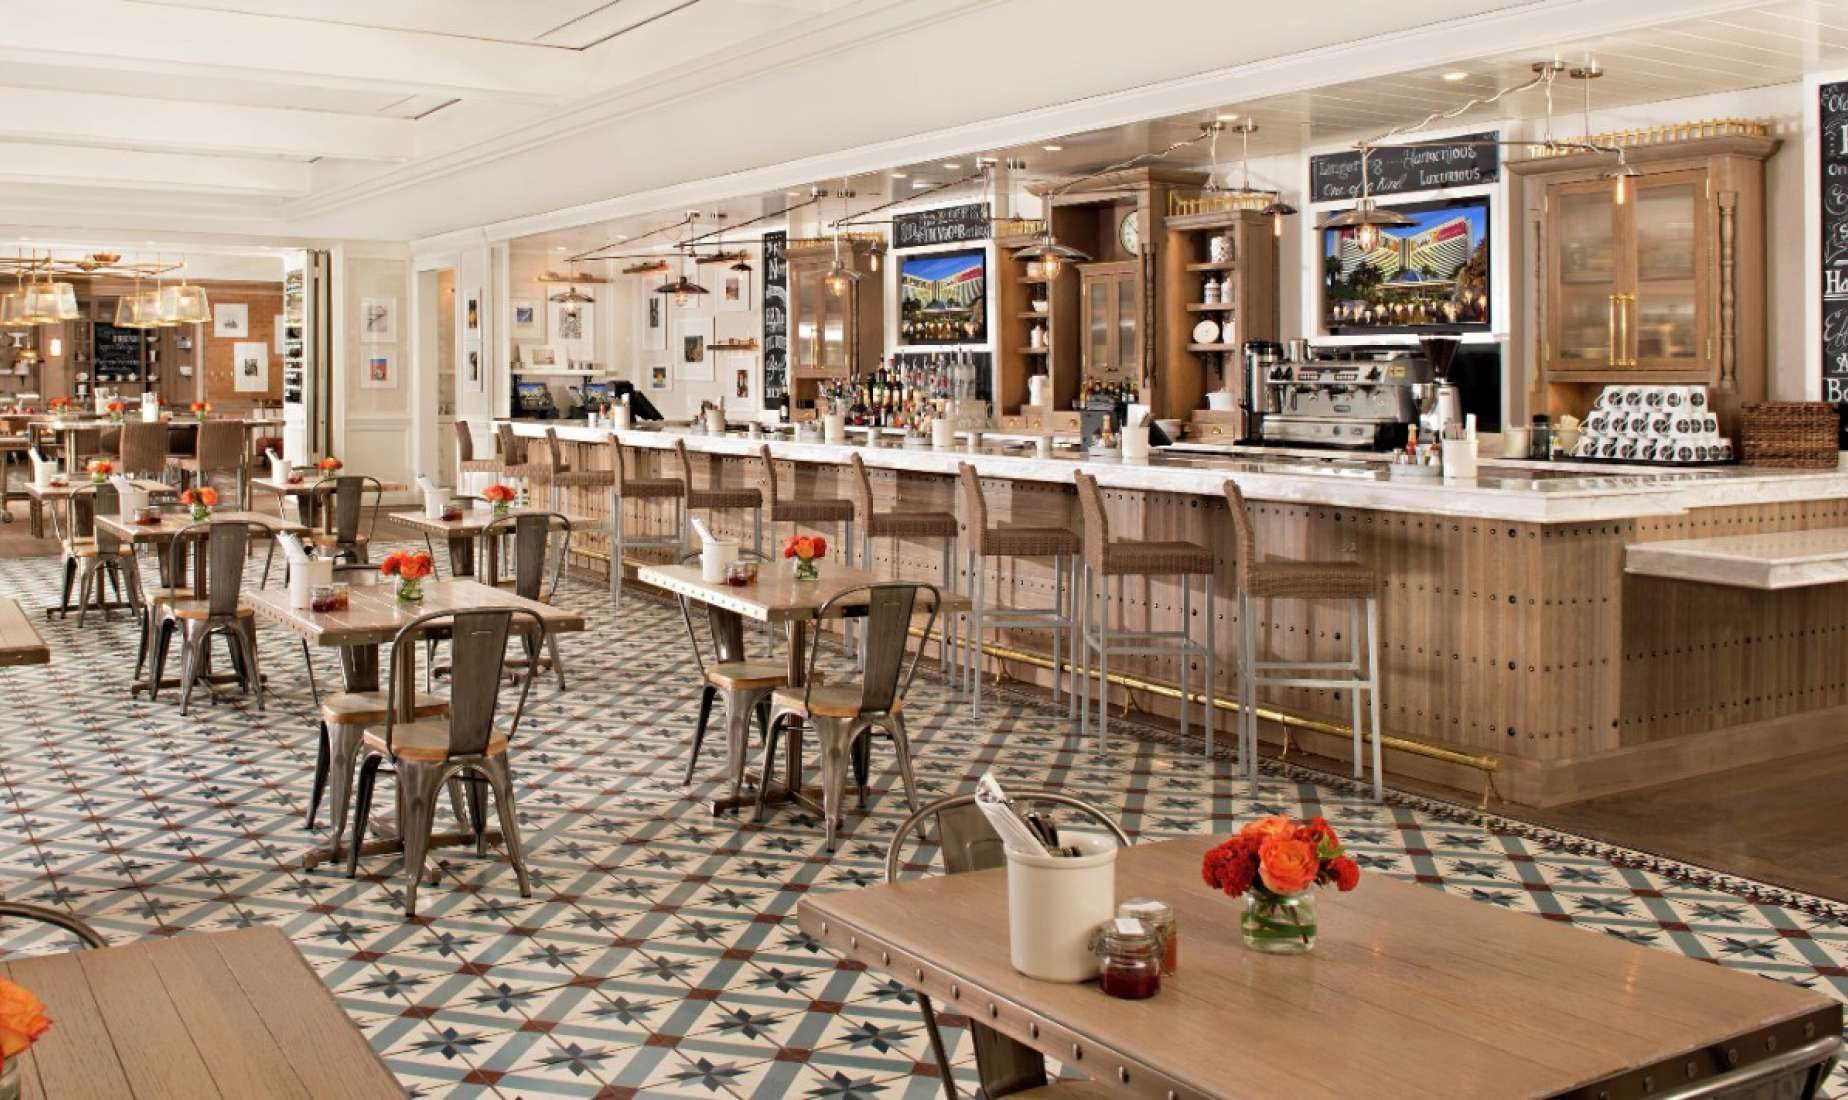 Mirage Restaurant Pantry Architectural Interior